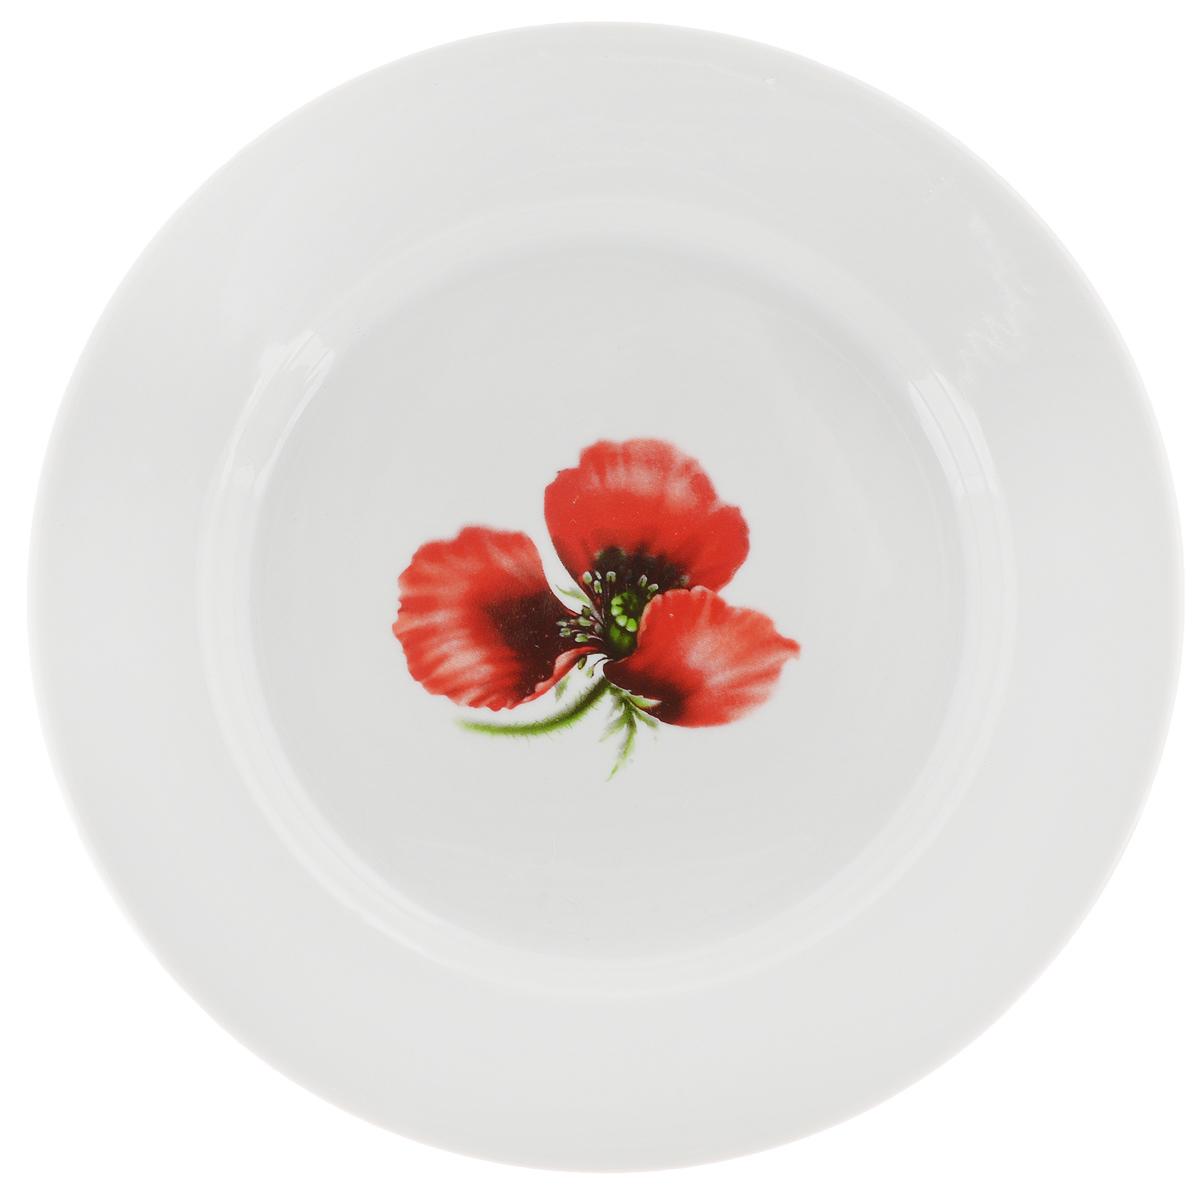 Тарелка Фарфор Вербилок Маков цвет, диаметр 20 см8090760Тарелка Фарфор Вербилок Маков цвет изготовлена из высококачественного фарфора. Изделие декорировано красочным изображением. Такая тарелка отлично подойдет в качестве блюда, она идеальна для сервировки закусок, нарезок, горячих блюд. Тарелка прекрасно дополнит сервировку стола и порадует вас оригинальным дизайном. Диаметр тарелки по верхнему краю: 20 см. Высота стенки: 2,5 см.